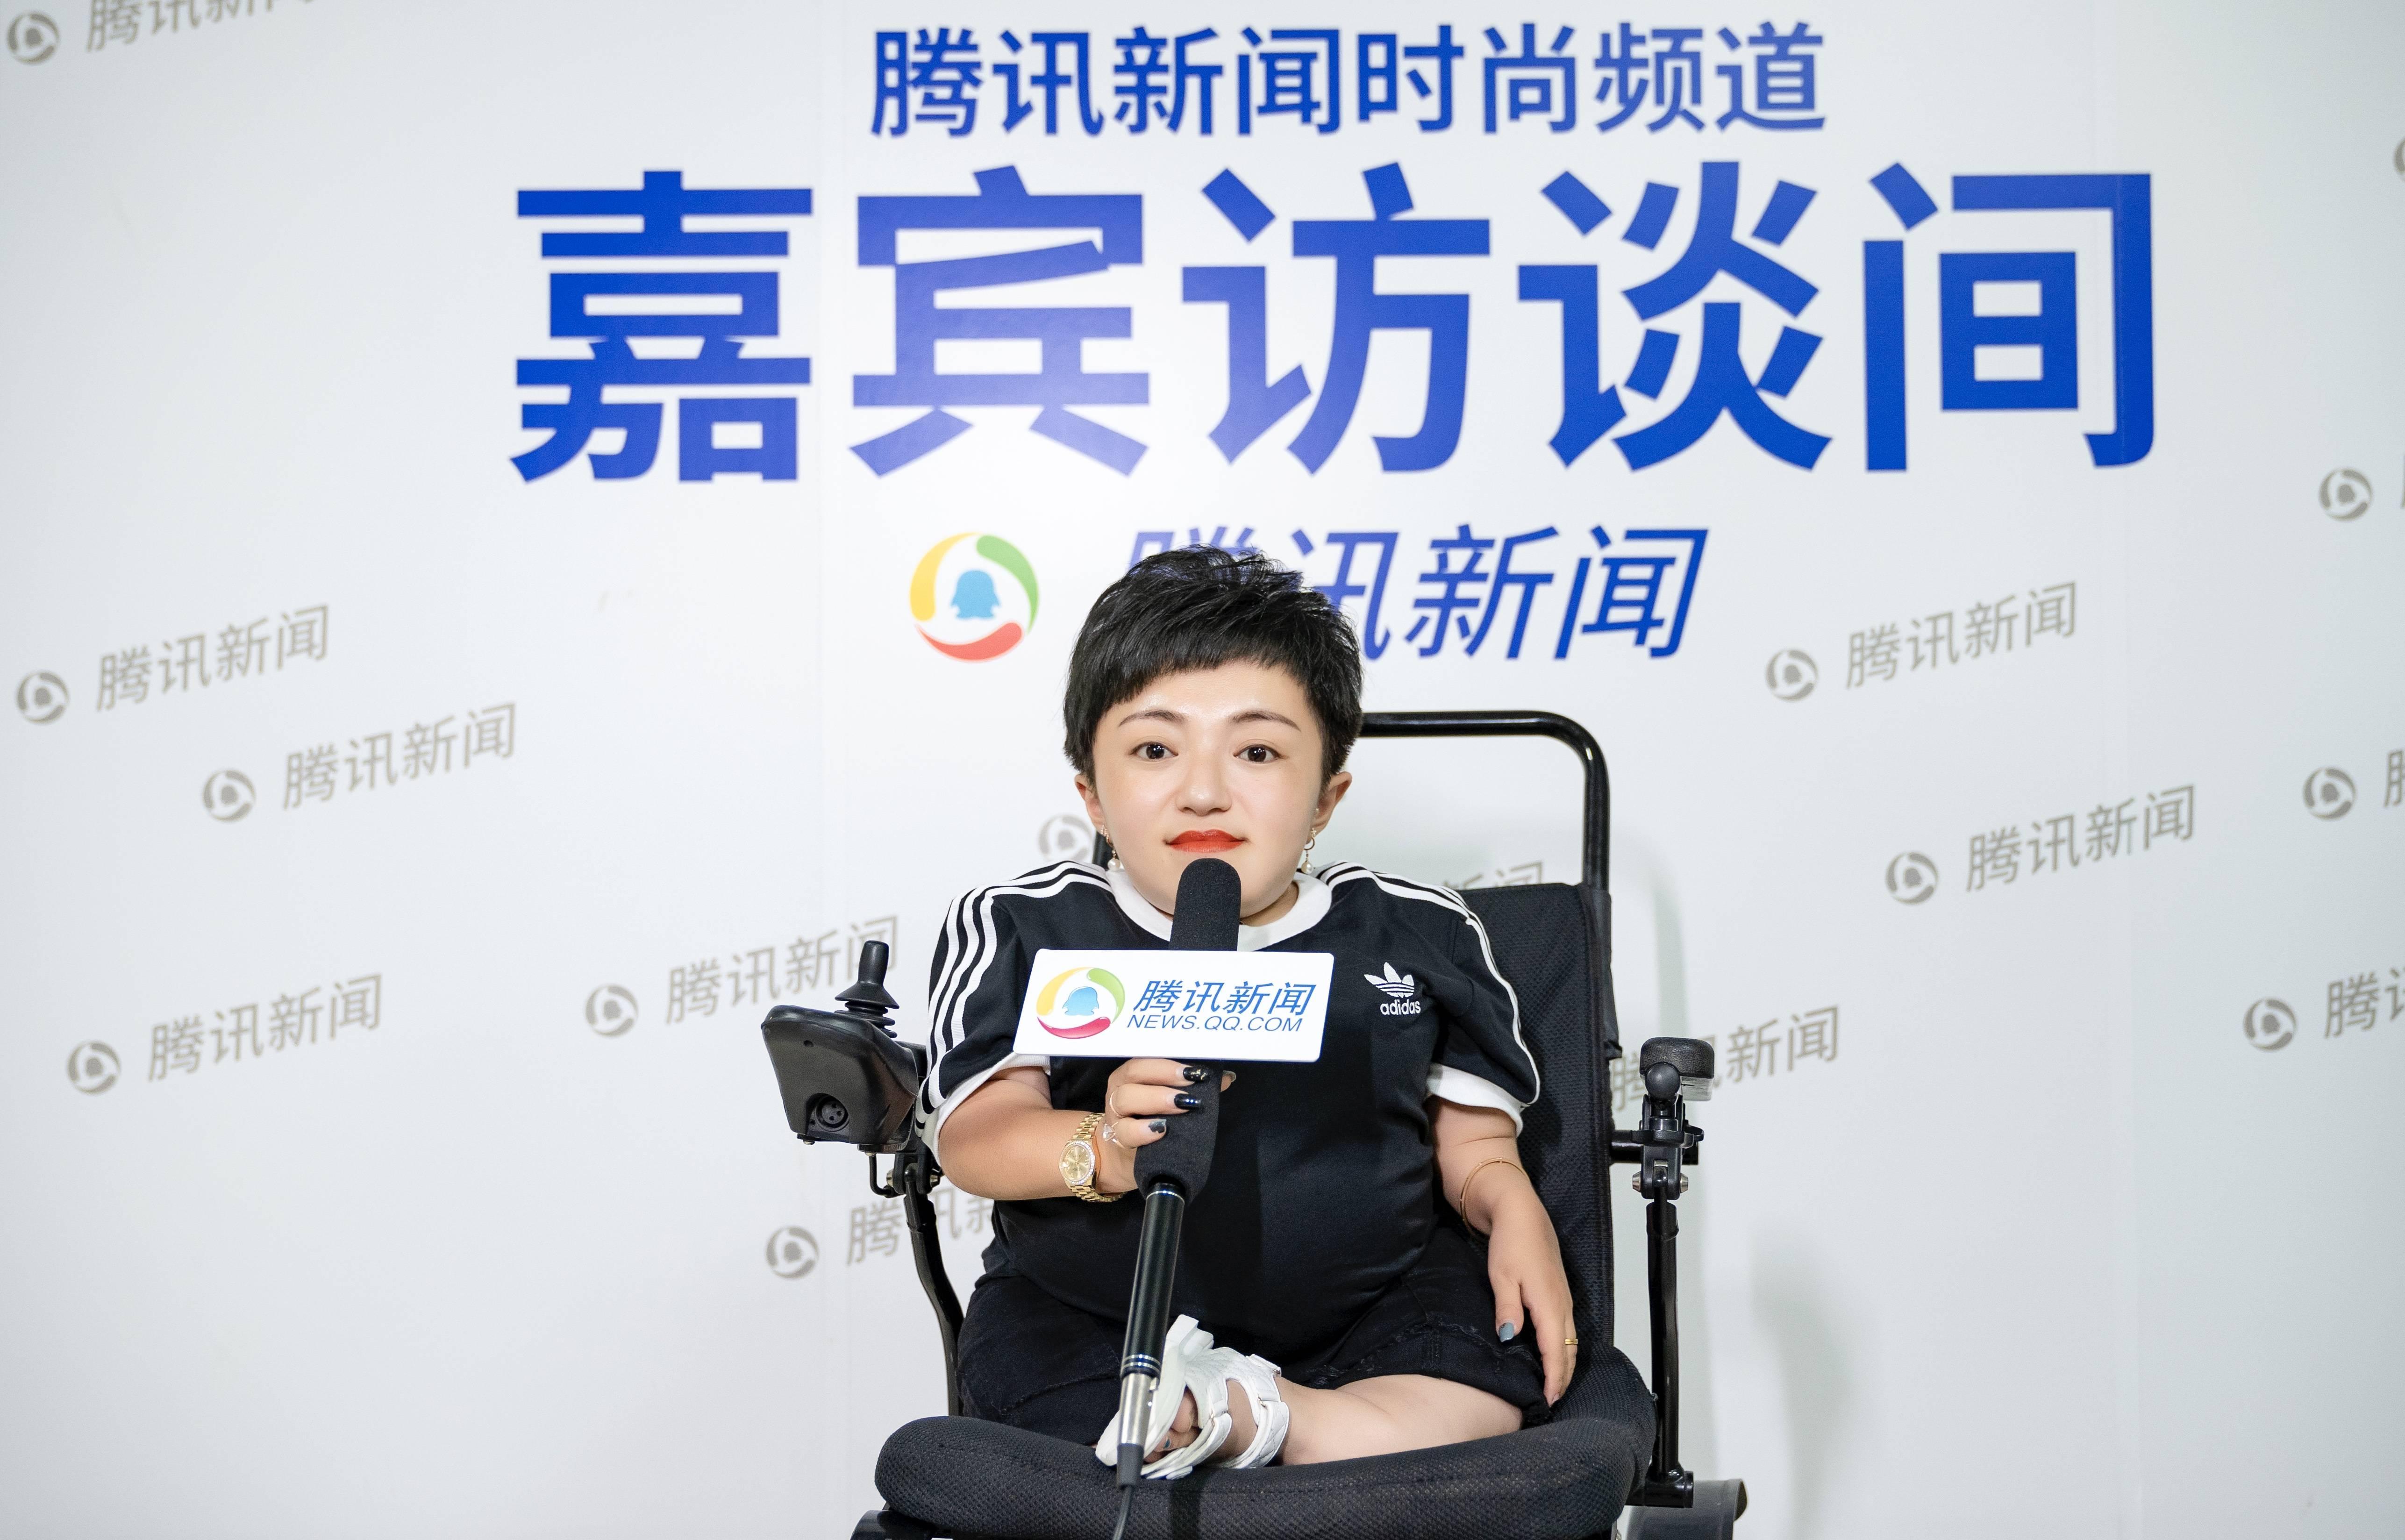 青年创业导师人物专访 —李喜梅: 坐在轮椅上的精彩人生